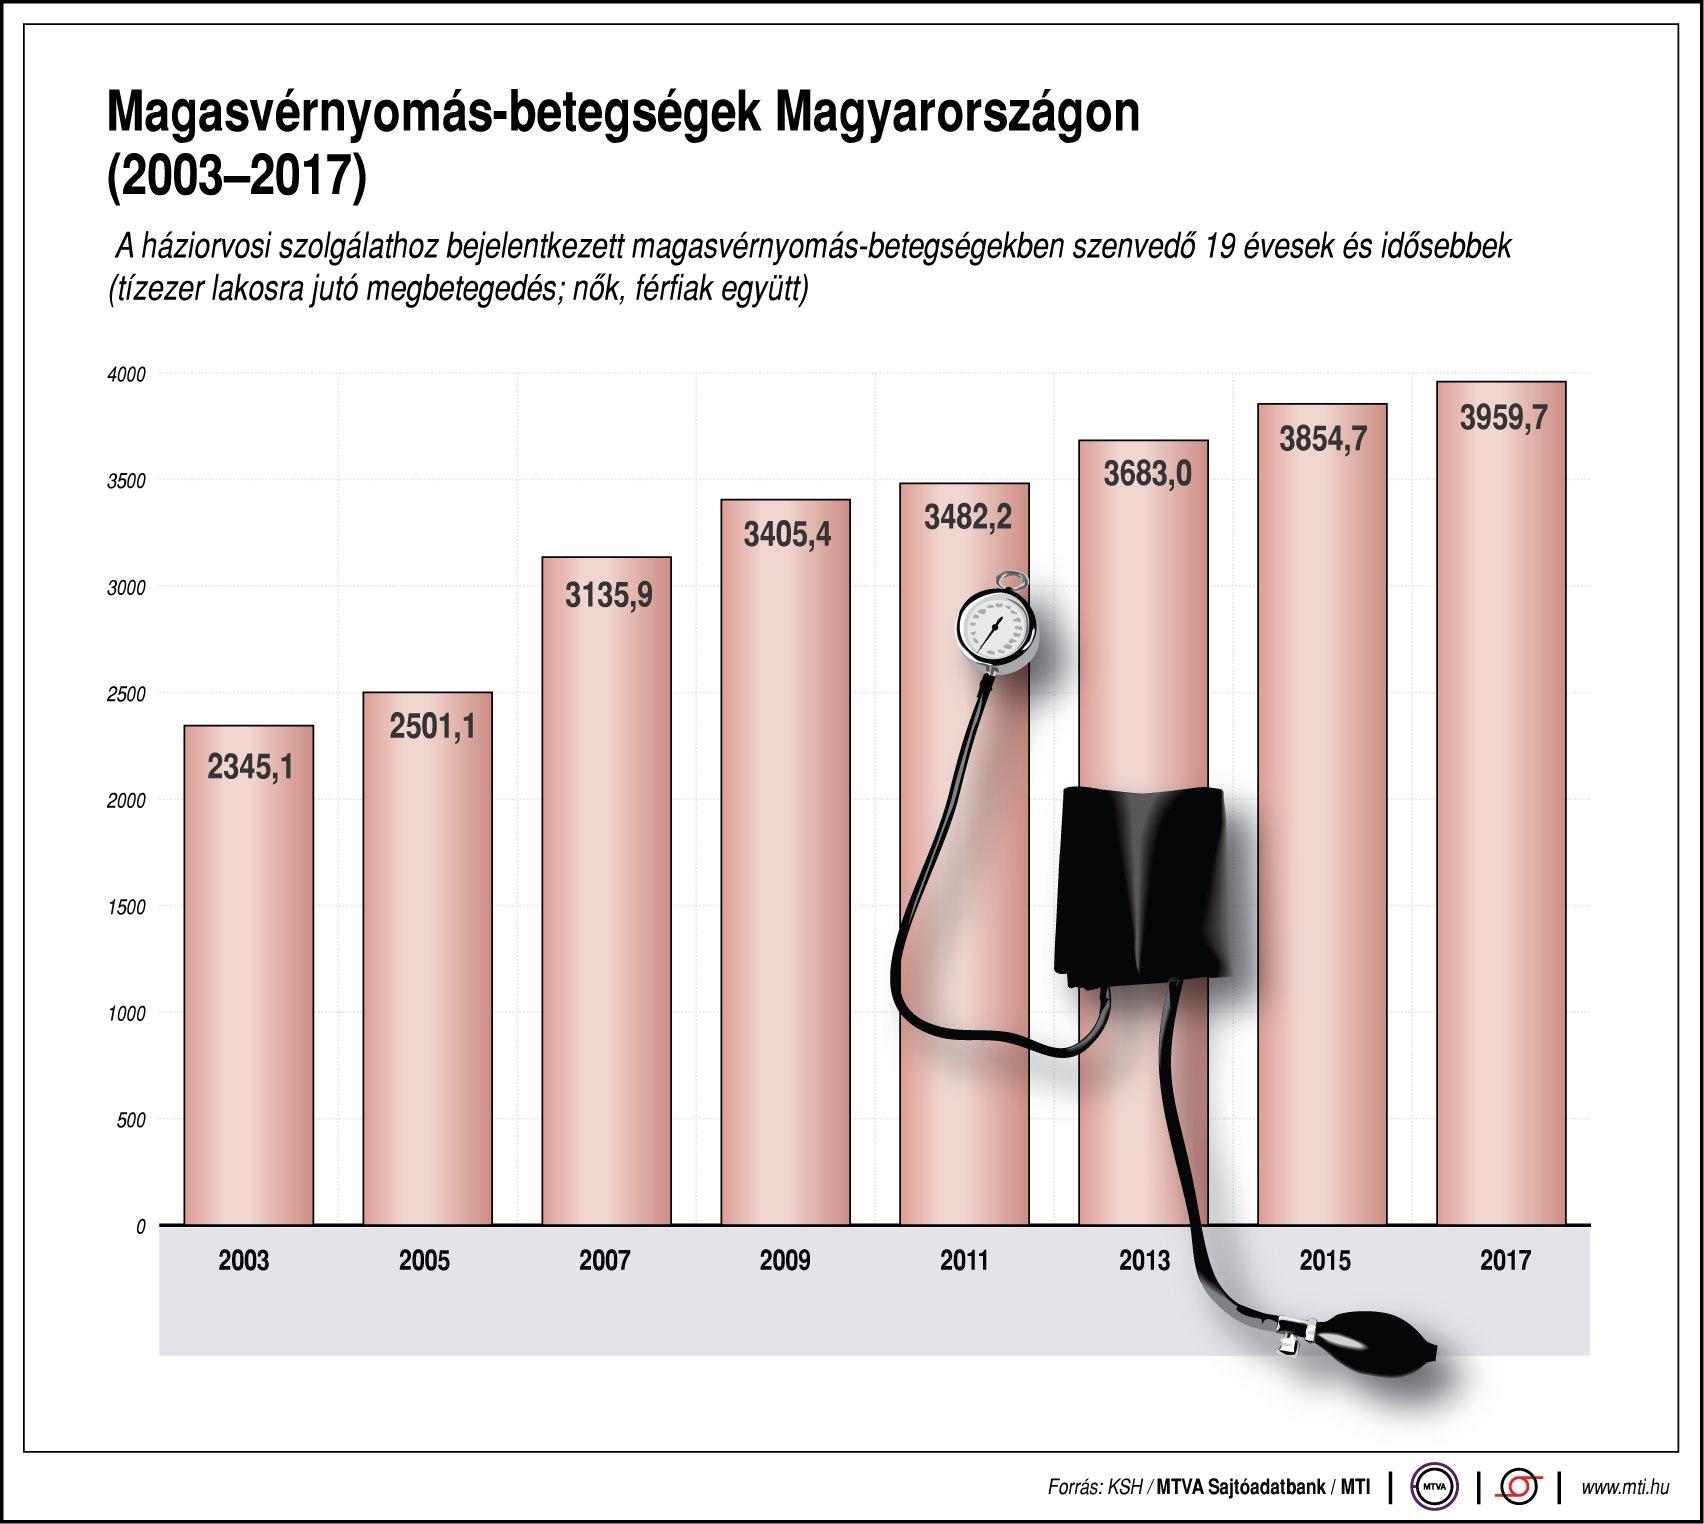 magas vérnyomás genetikailag 2 és 3 fokos magas vérnyomás